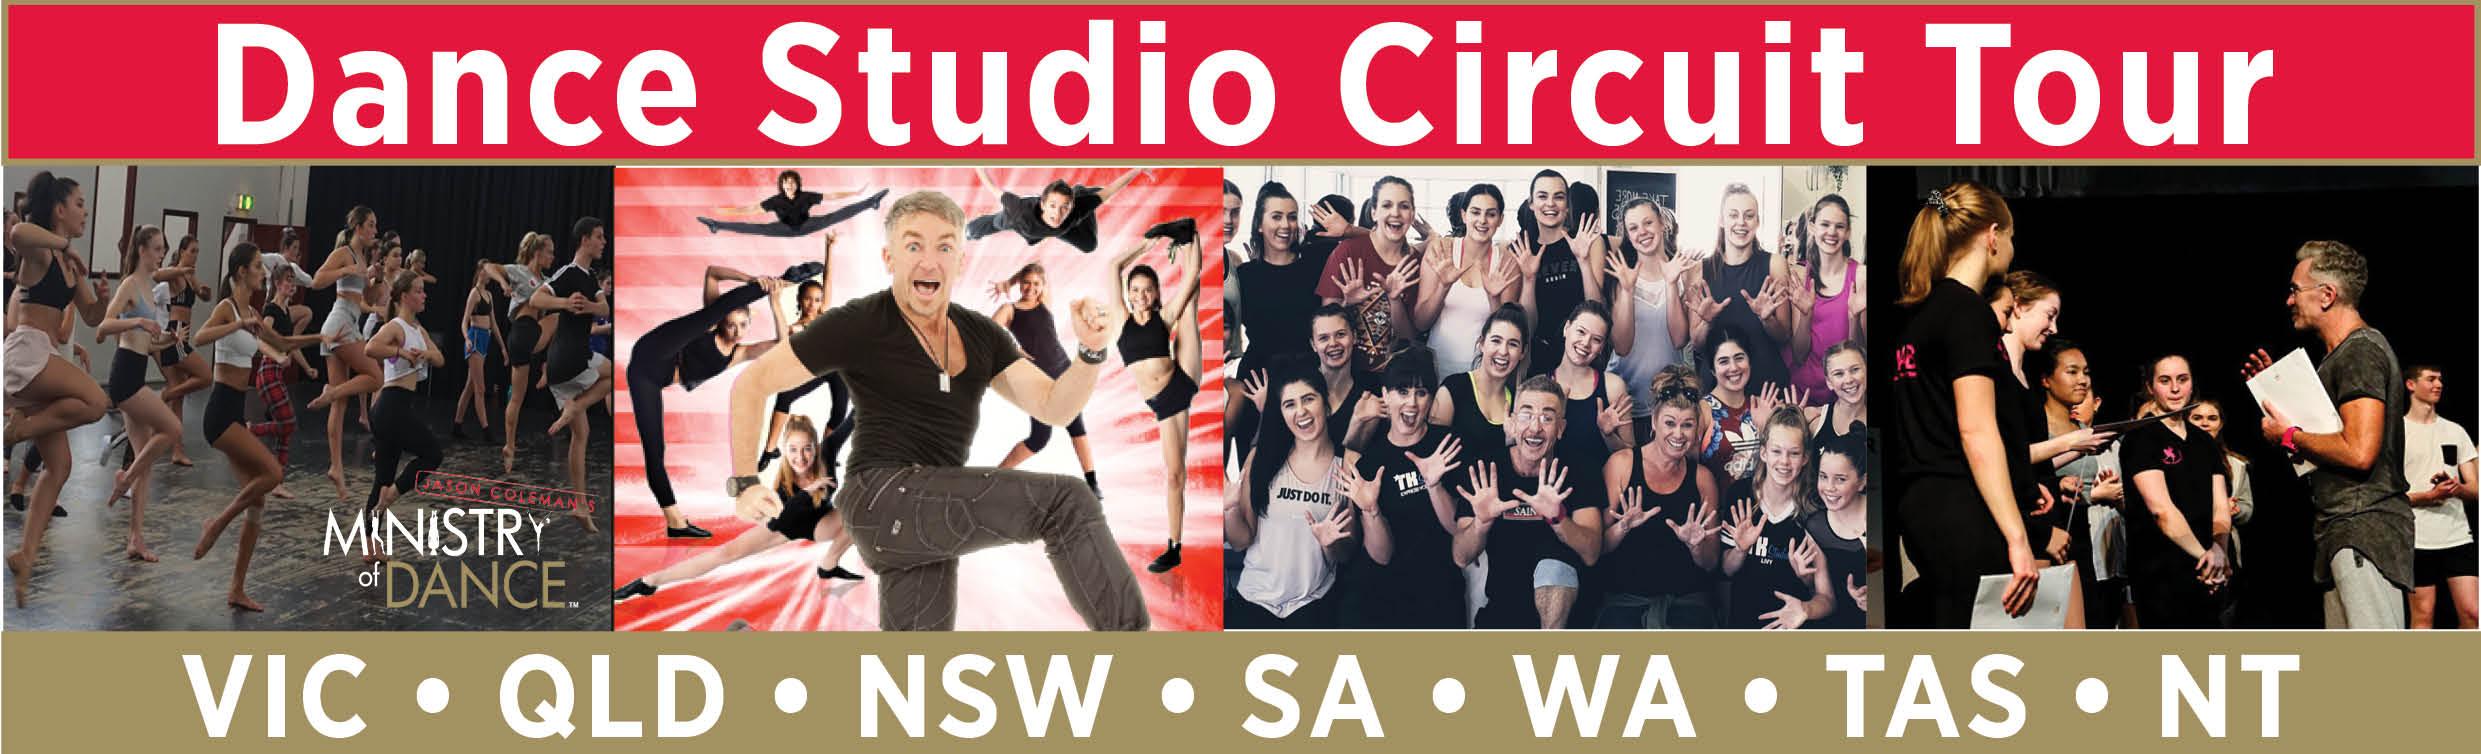 Dance Studio Circuit Banner 2019 V4.jpg